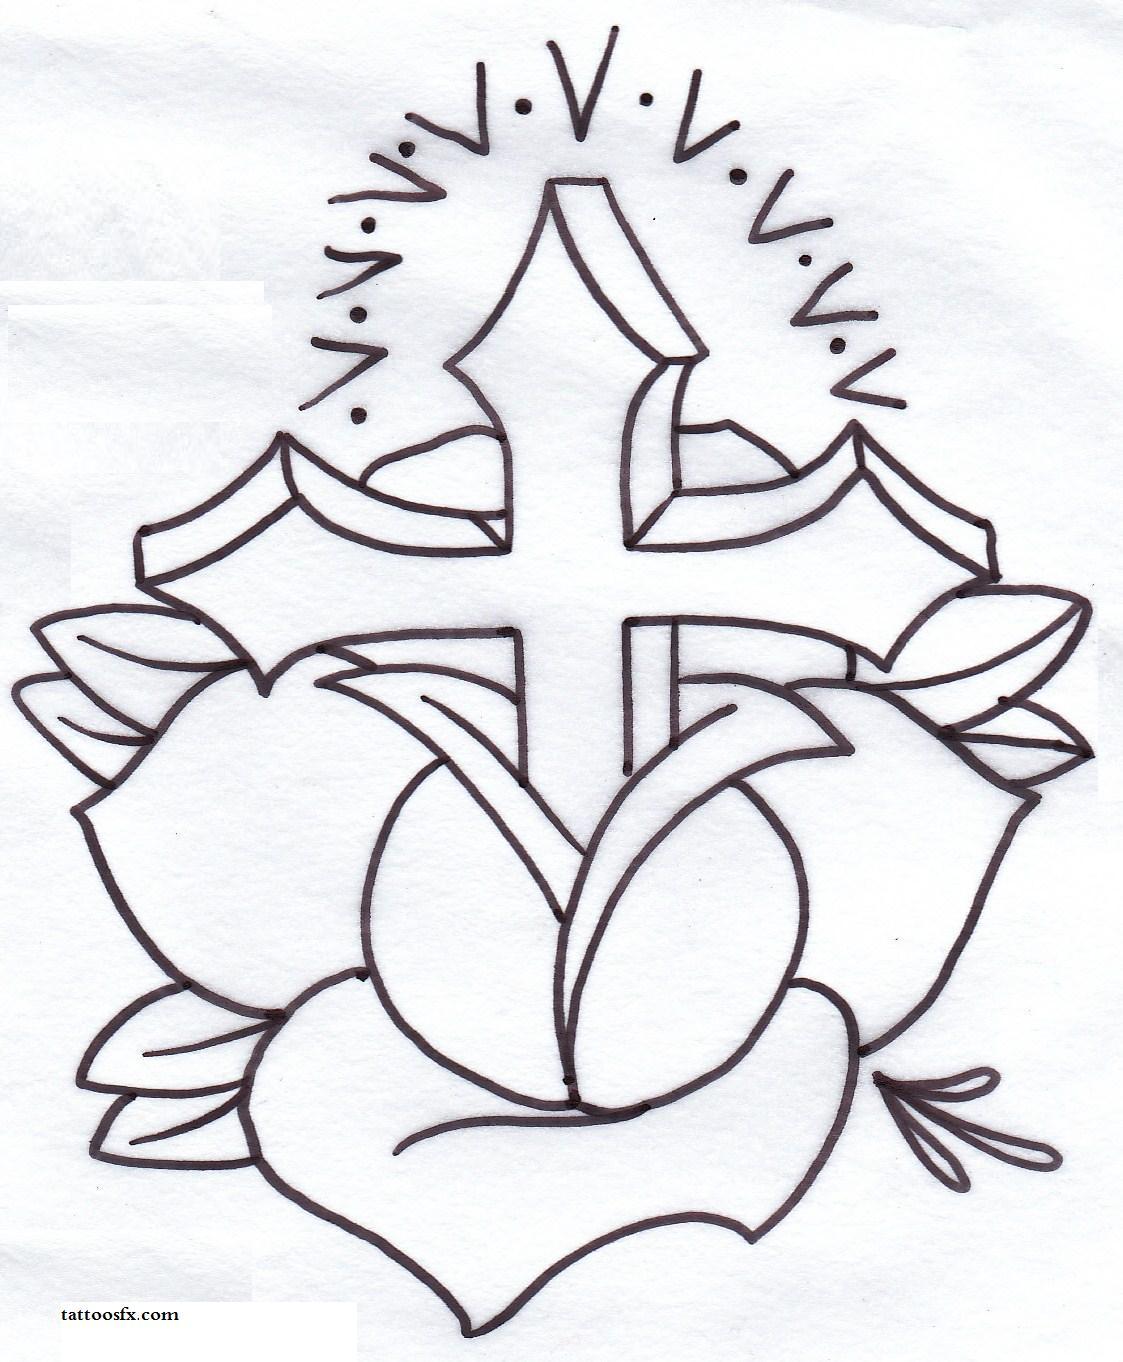 1123x1362 La Ink Tattoos Lion Free Cross Tattoos